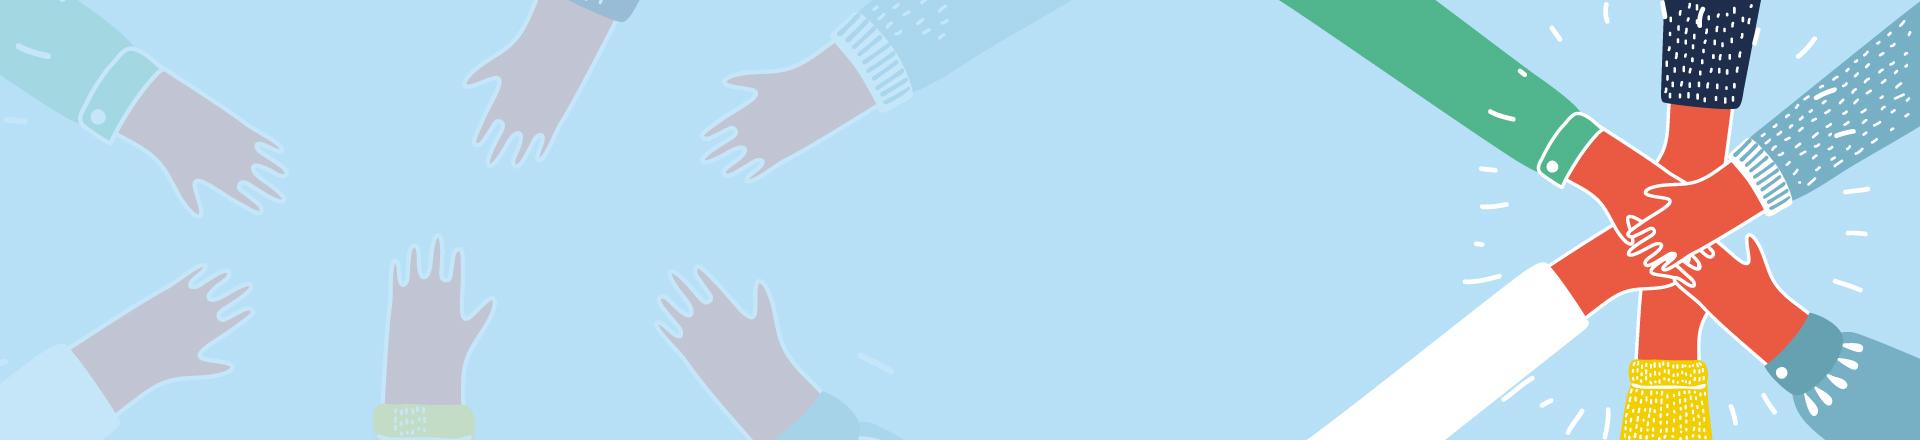 Współczesne wyzwania i problemy pracodawców w relacjach ze związkami zawodowymi